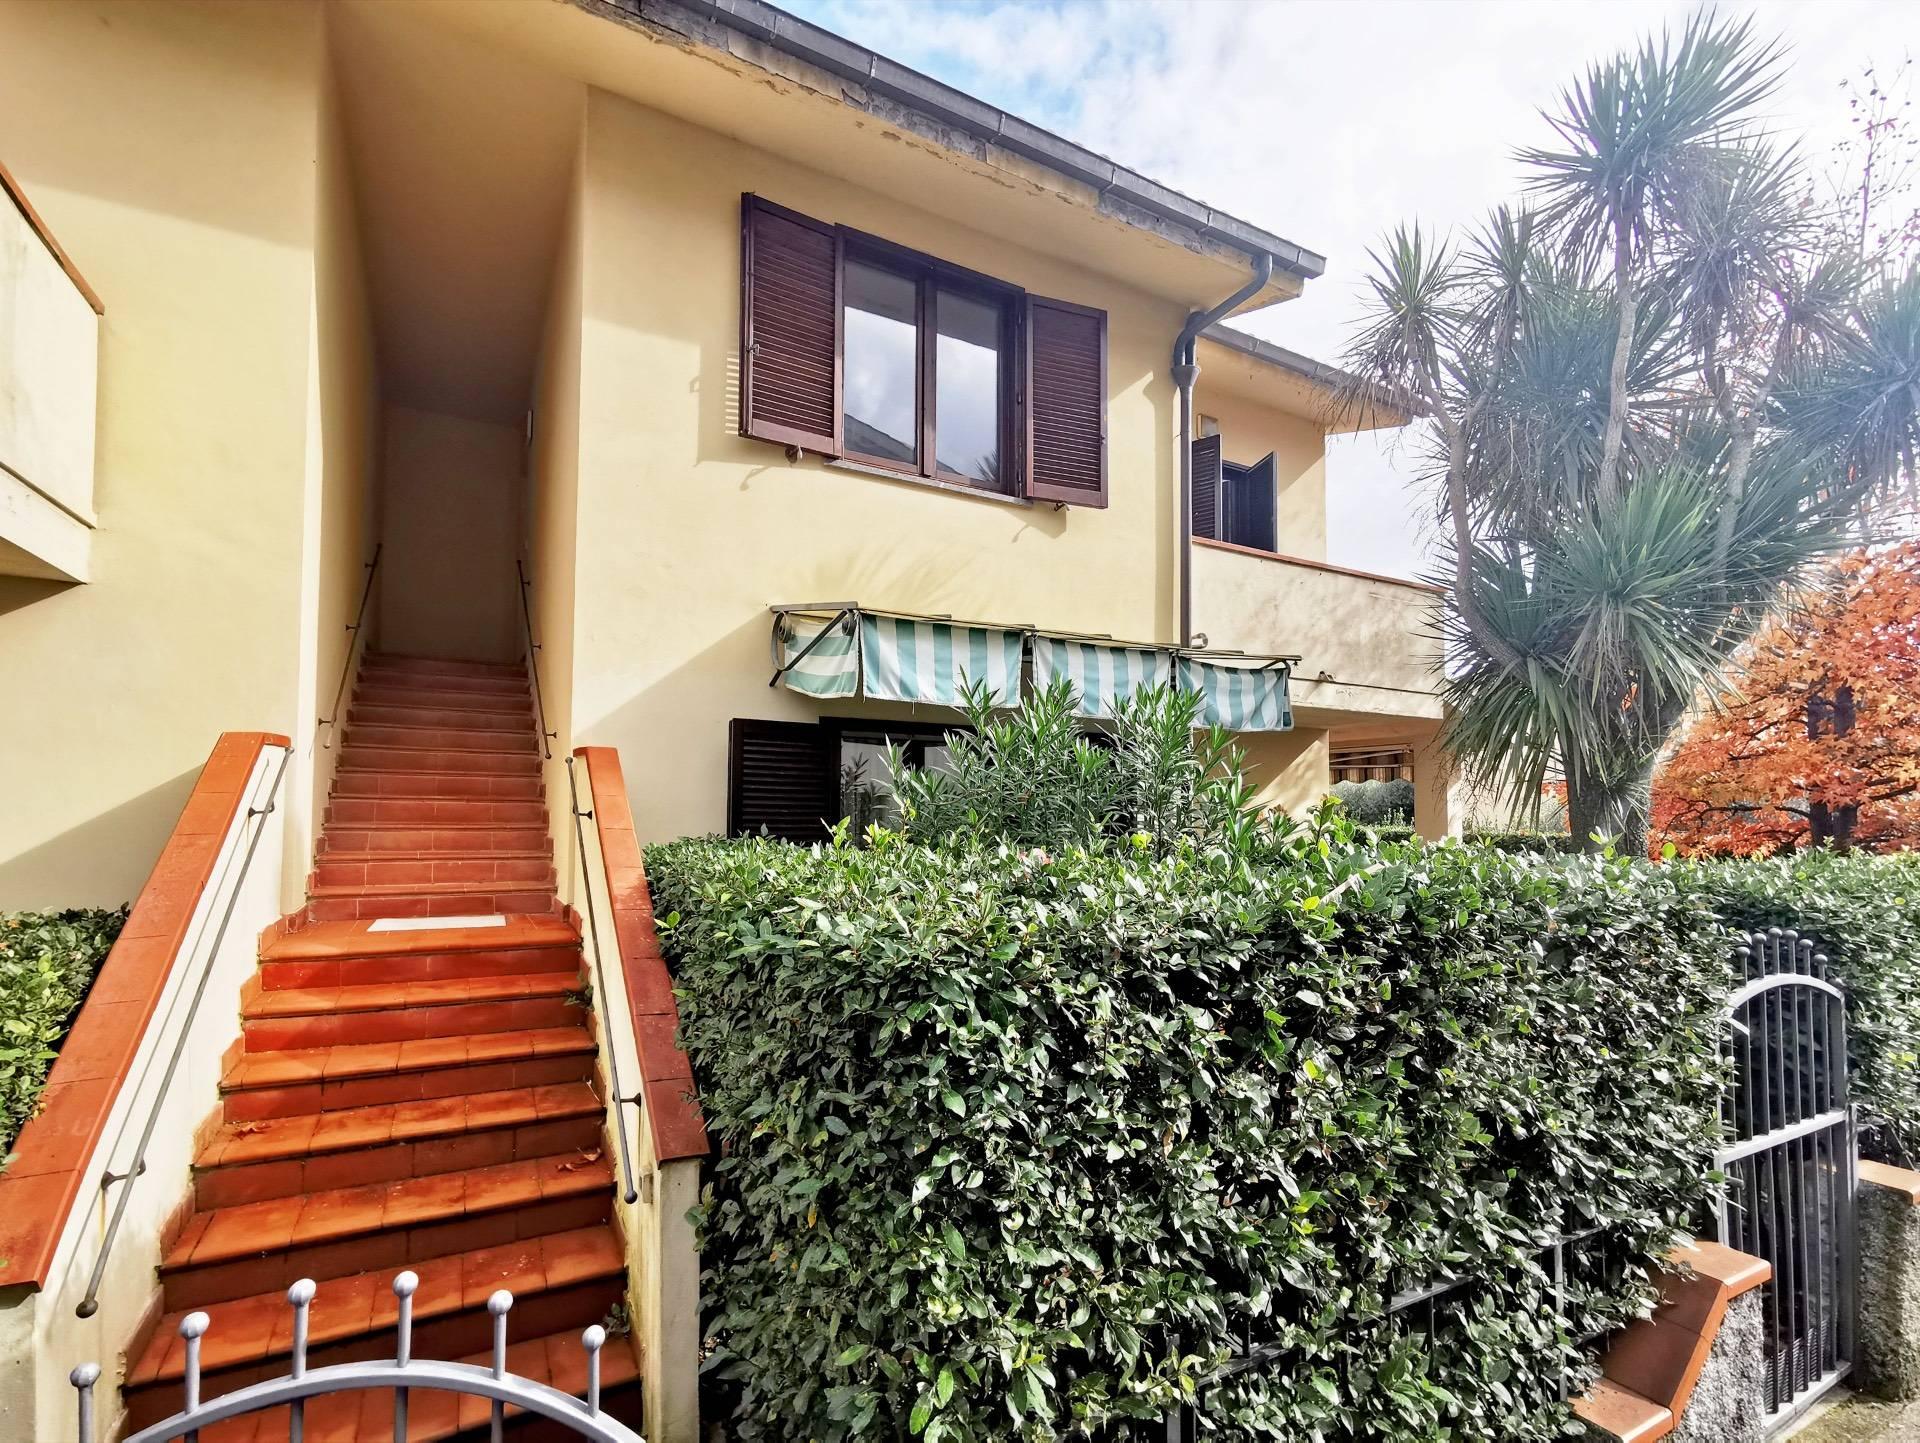 Appartamento in vendita a Casciana Terme Lari, 4 locali, prezzo € 79.000   PortaleAgenzieImmobiliari.it